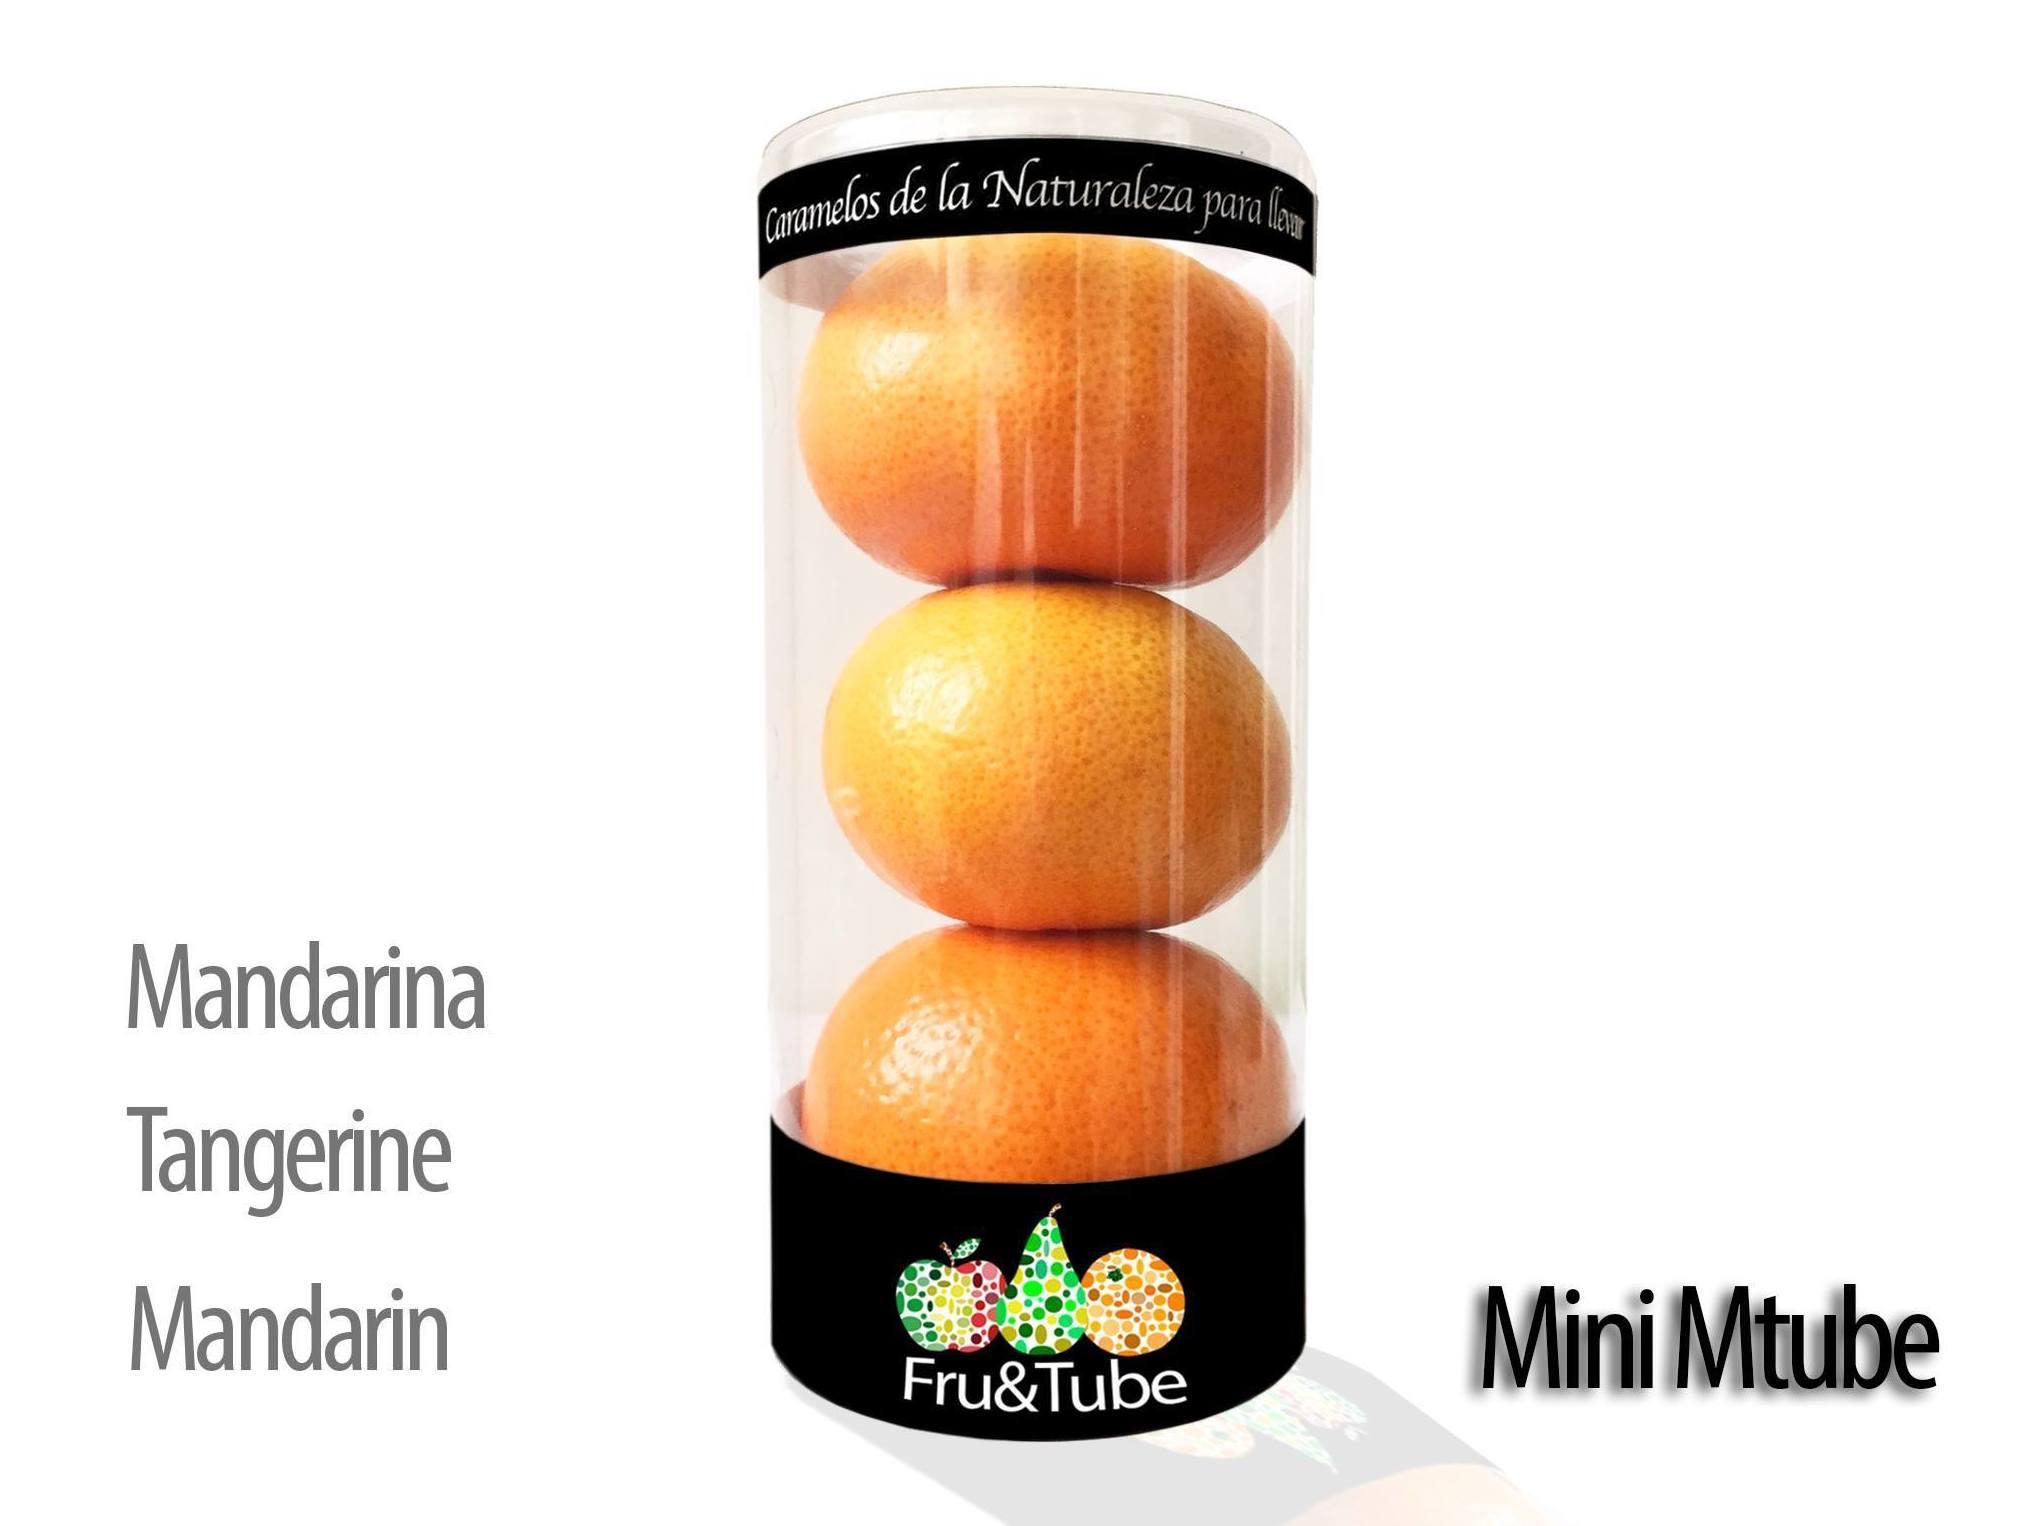 Fruta para máquinas de vending en Madrid